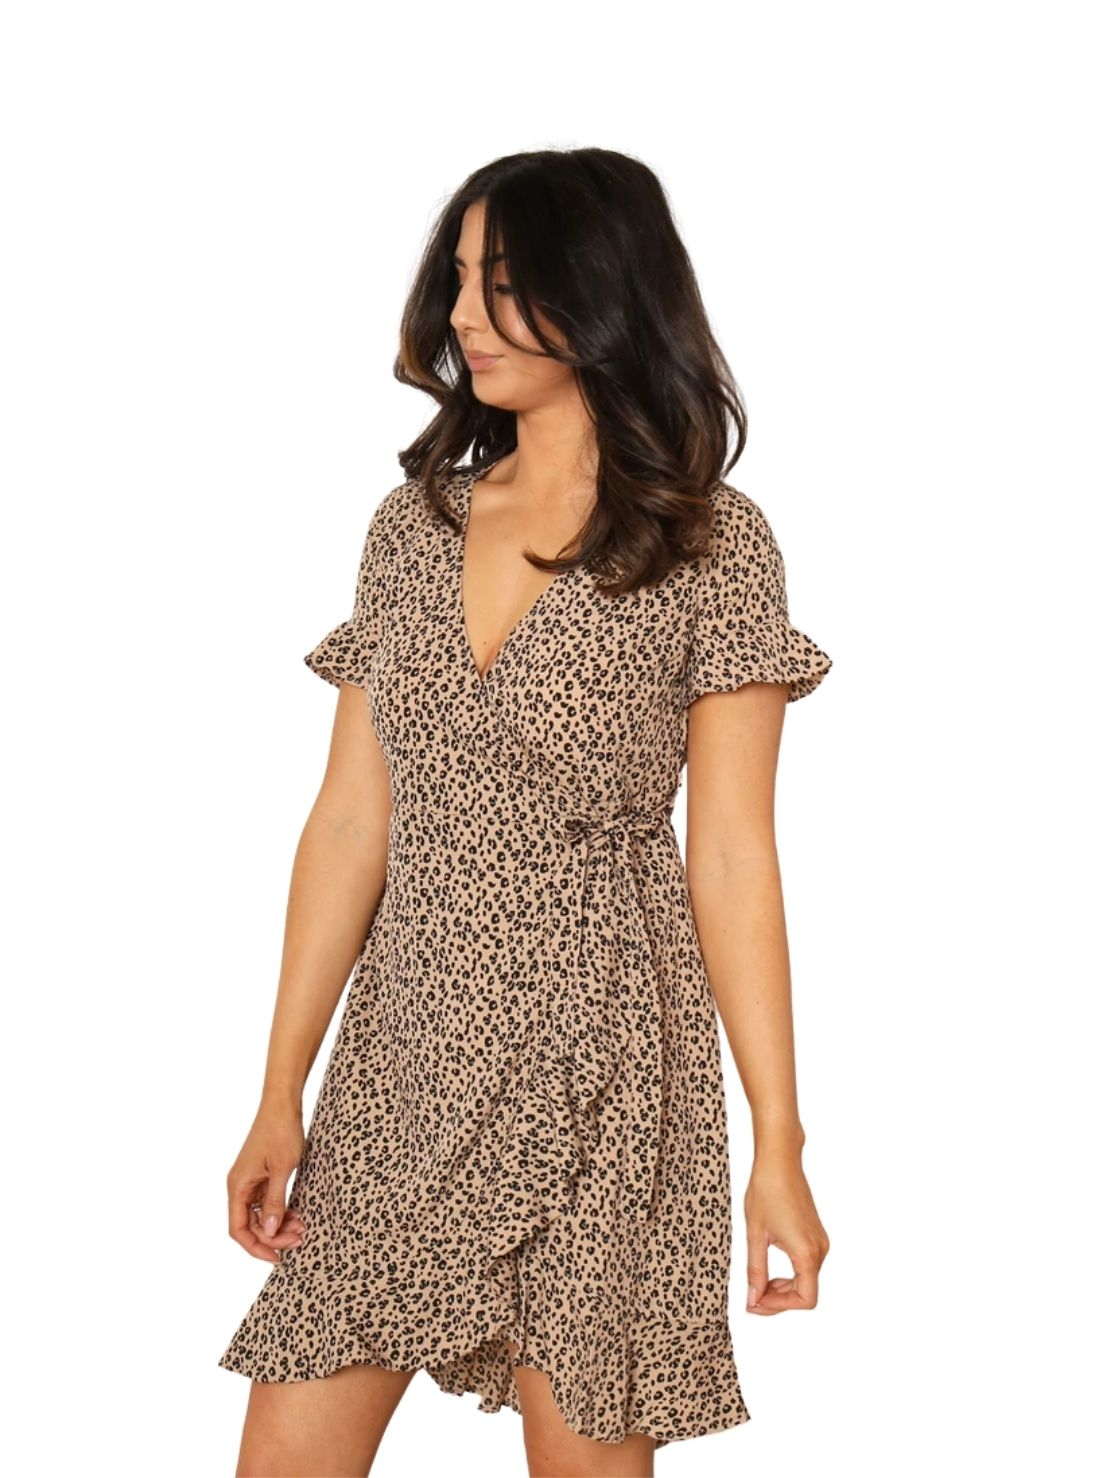 Wholesale Leopard Mini Wrap Dresses.